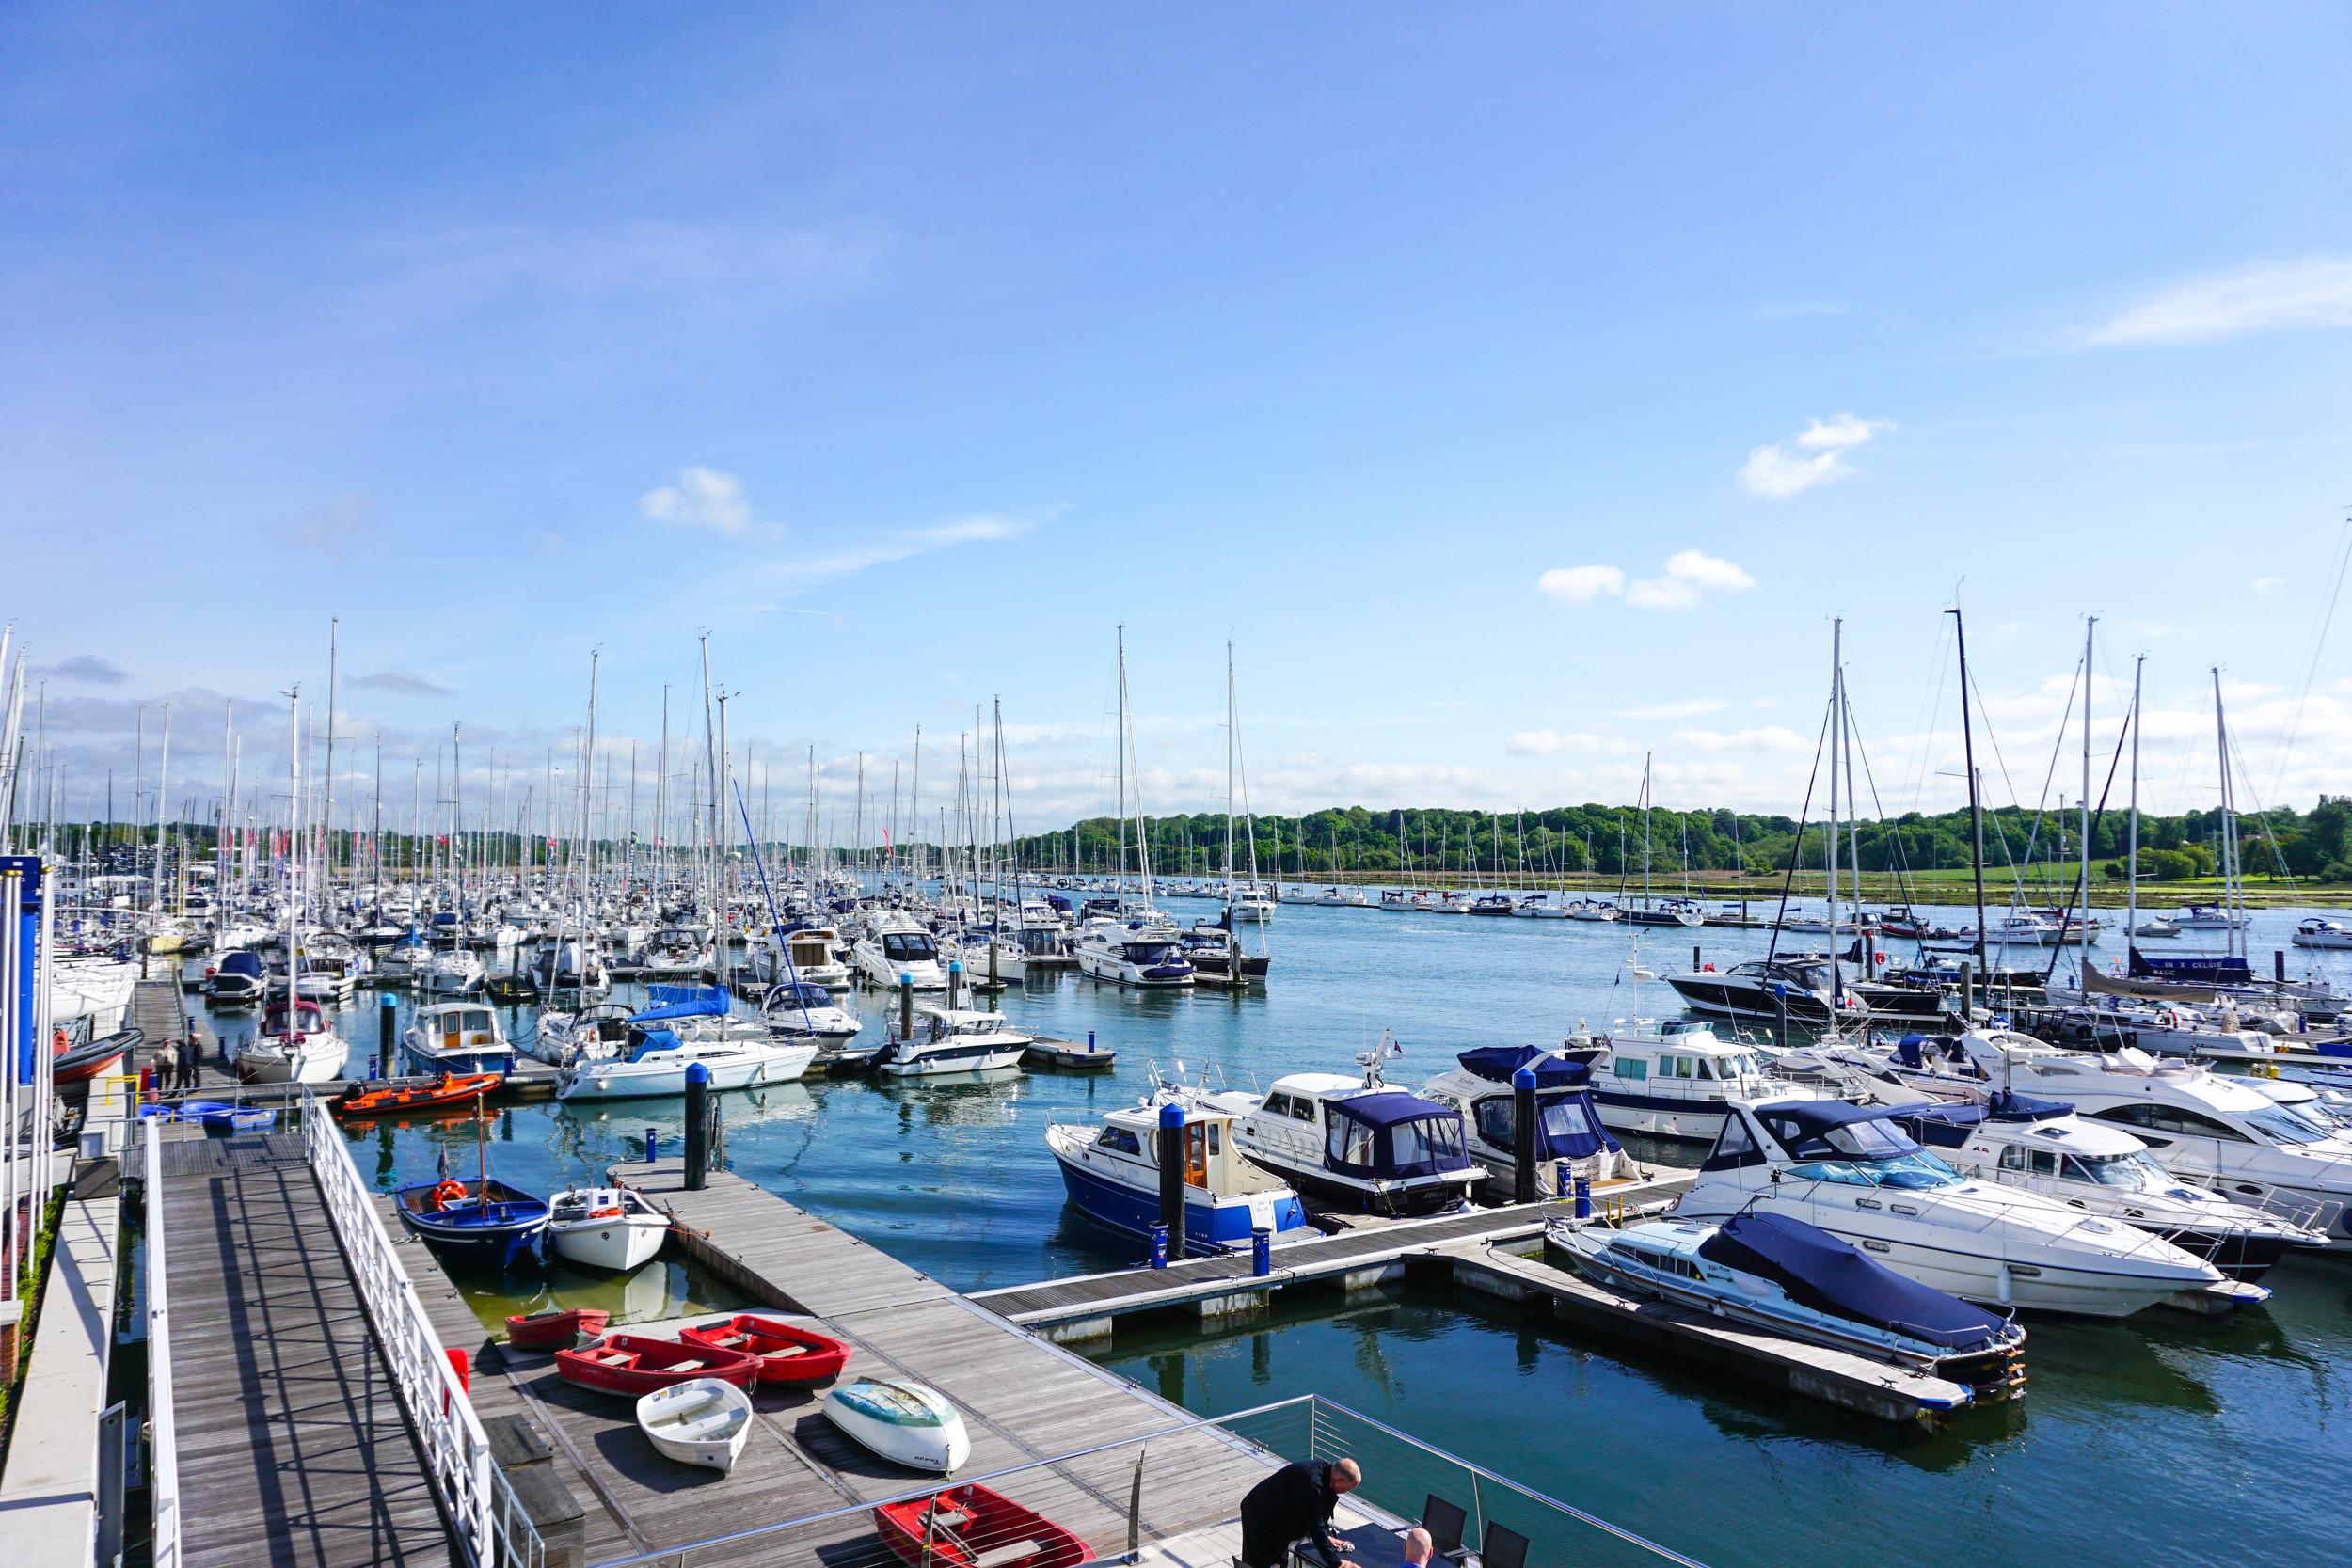 Royal Southern Yacht Club in Southampton